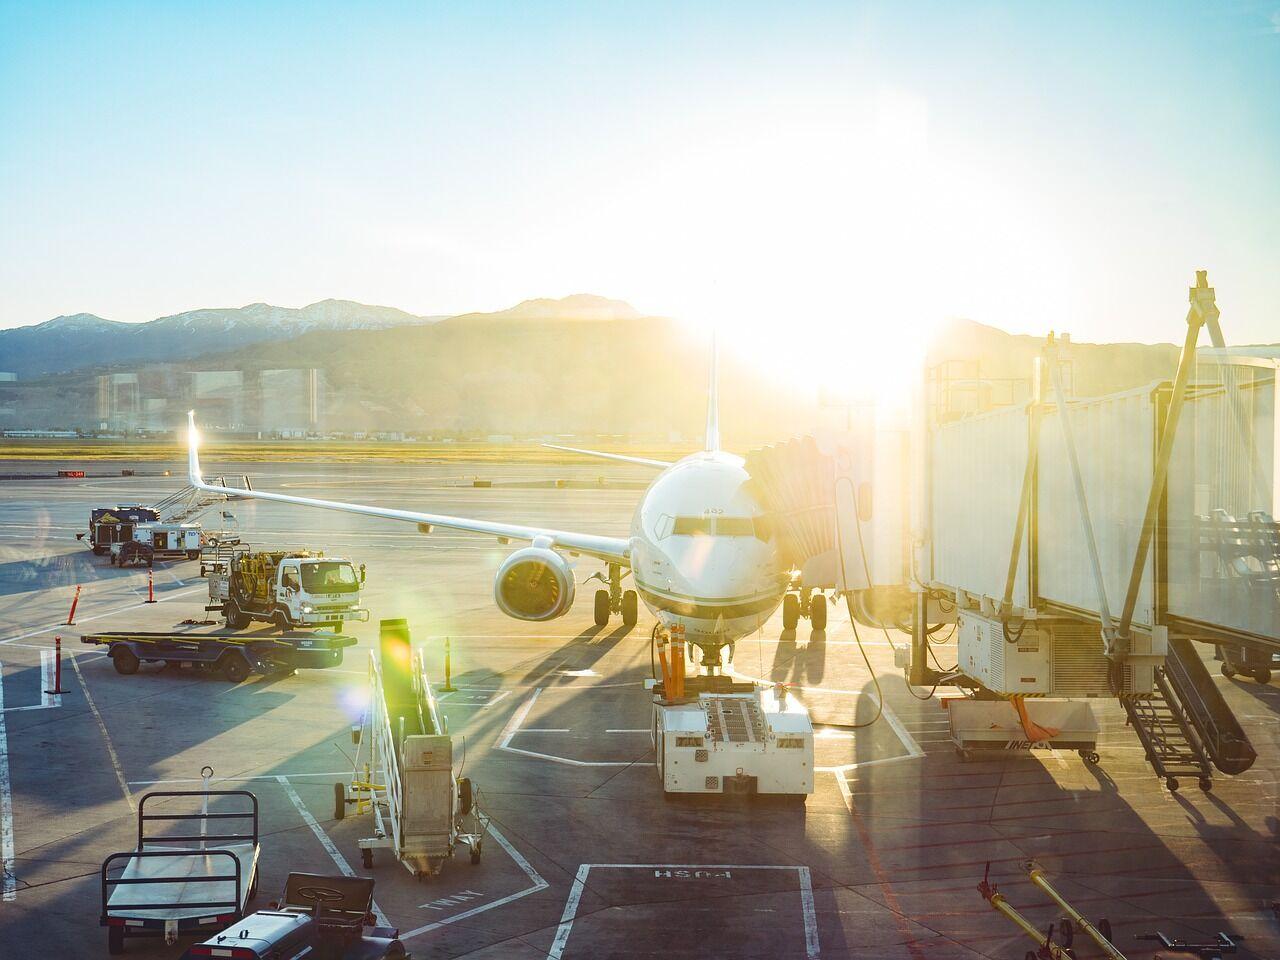 Затримка рейсу: що робити і чи можна її уникнути